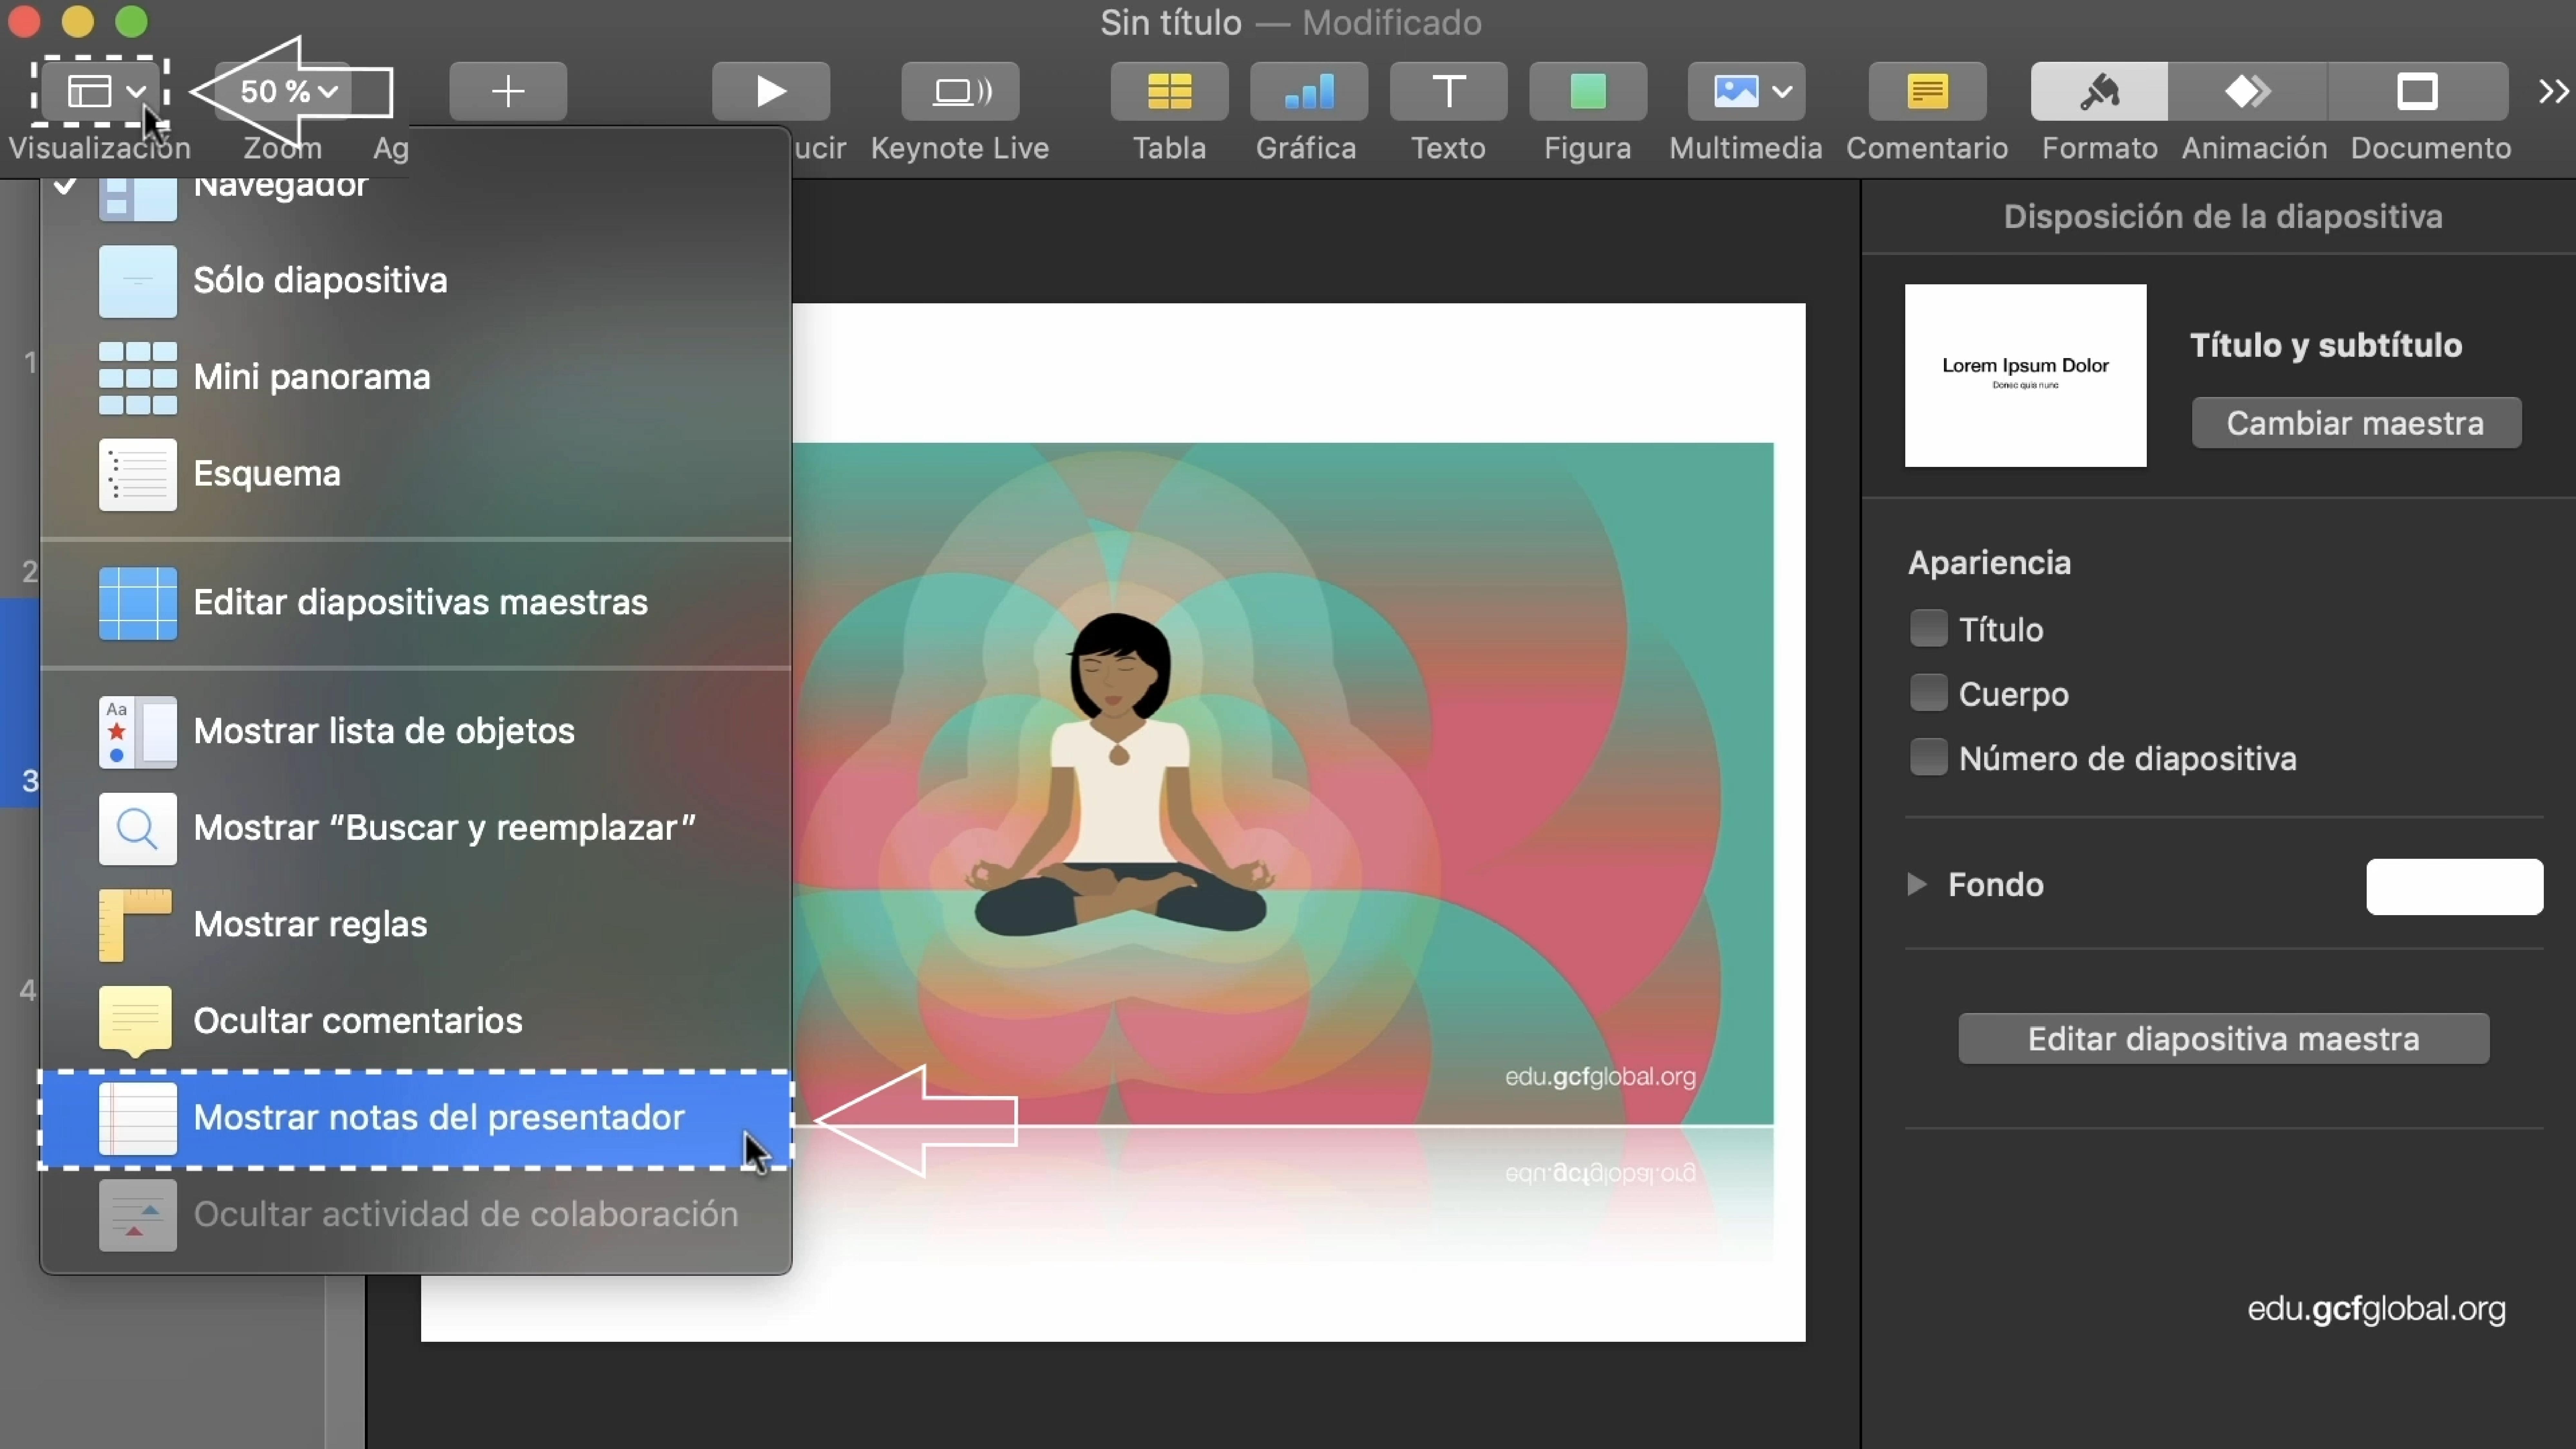 Imagen de Keynote eligiendo el botón Visualización, para luego elegir la opción Mostrar notas del presentador.